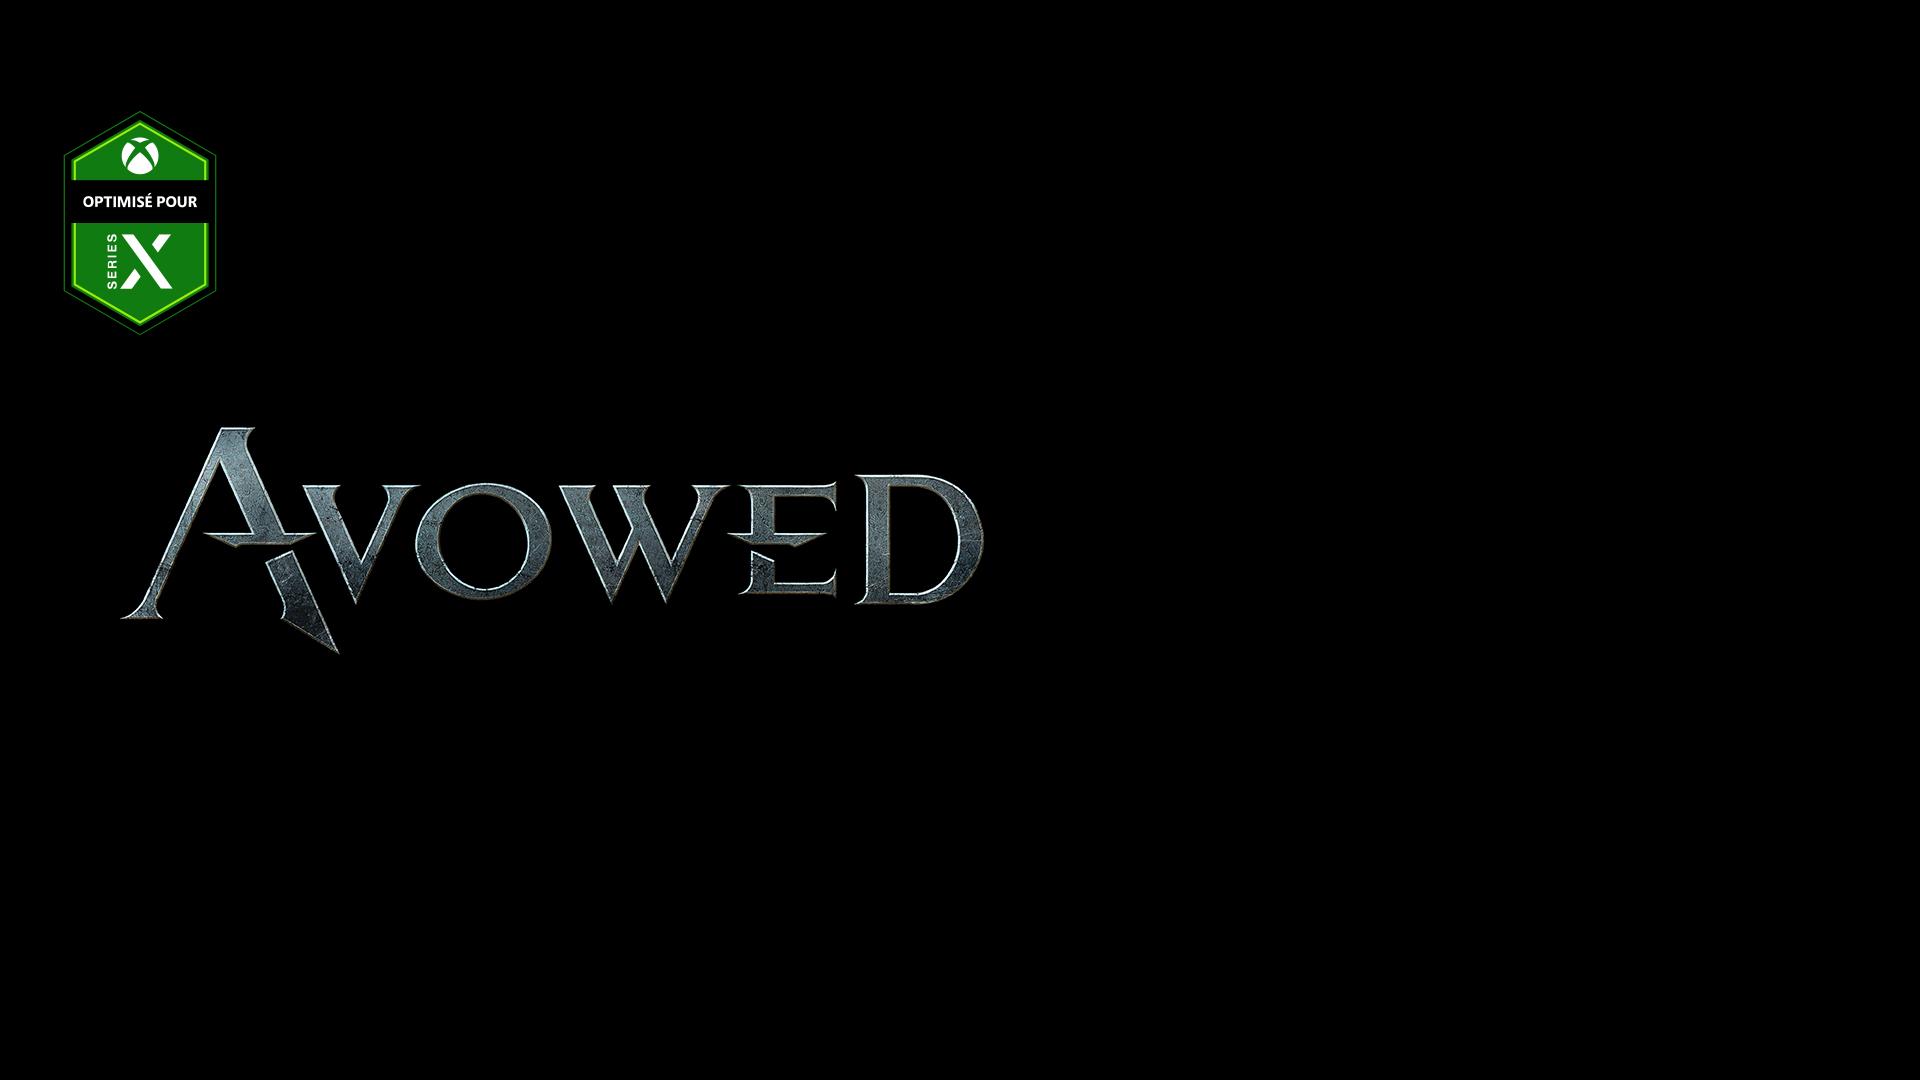 Logo d'Avowed